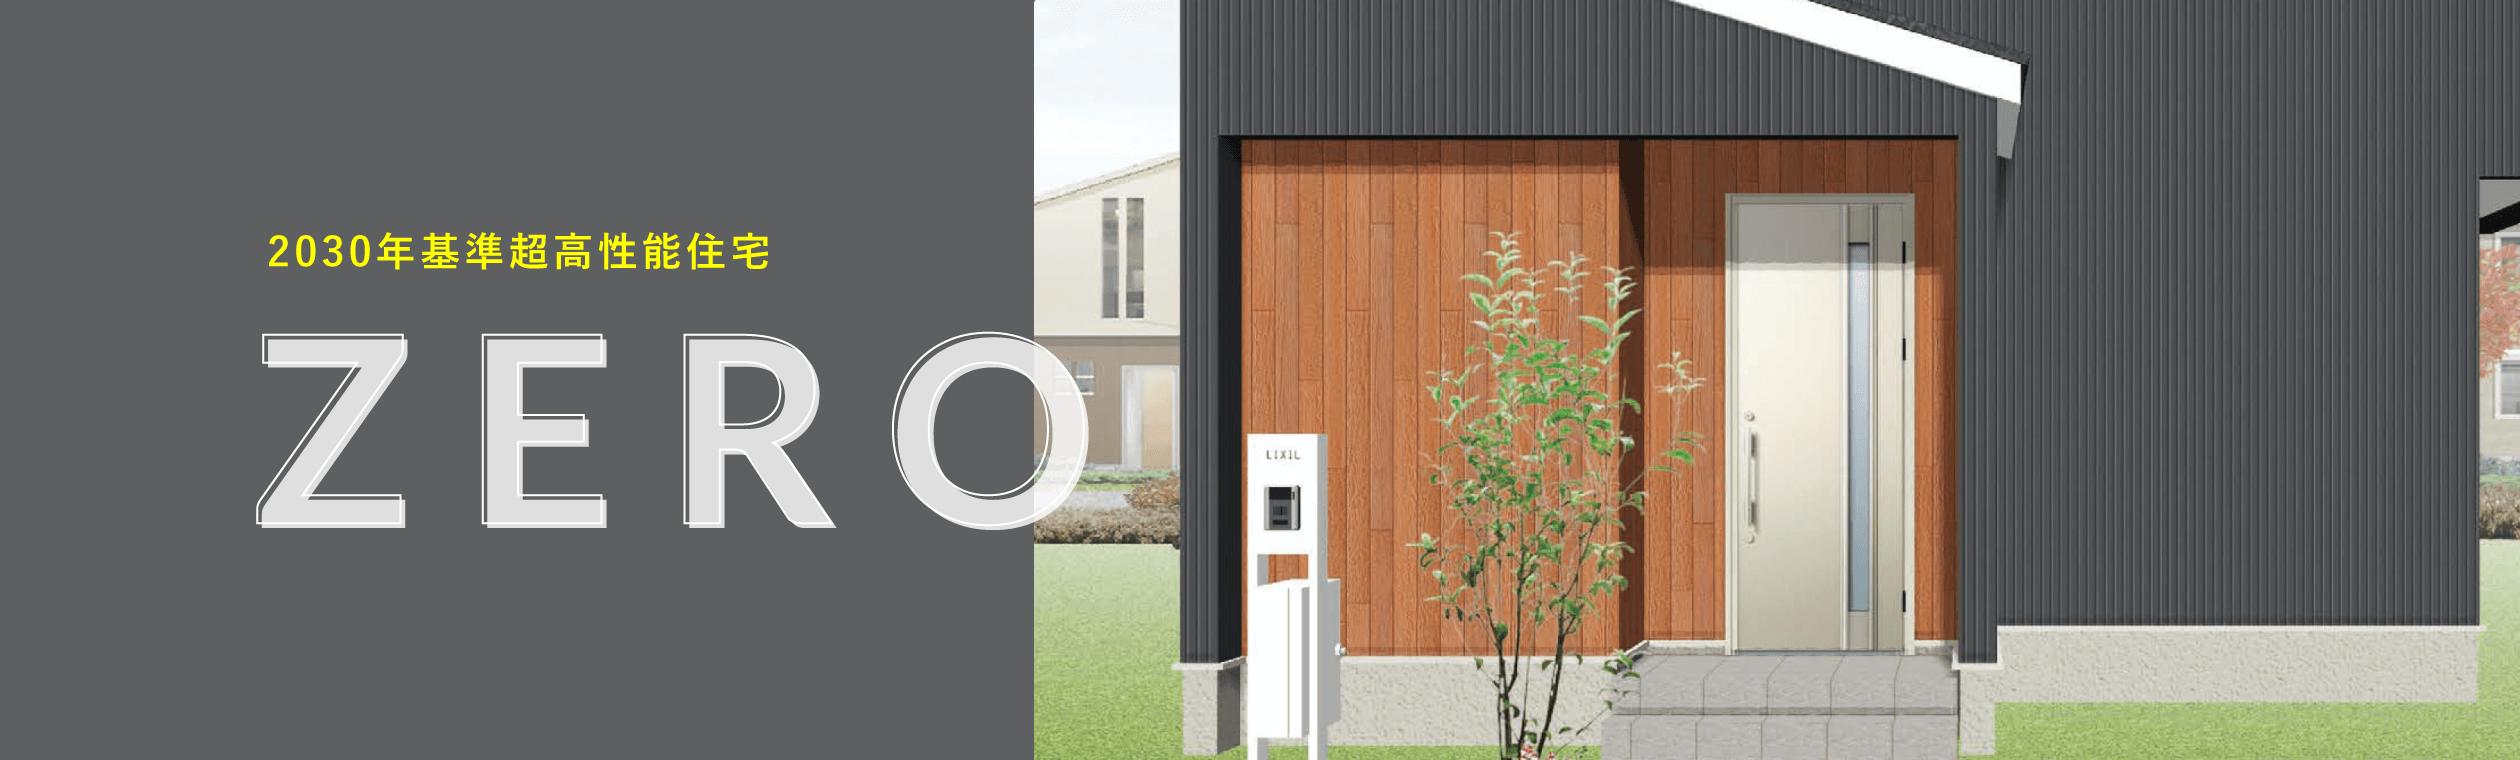 2030年基準超高性能住宅 ZERO